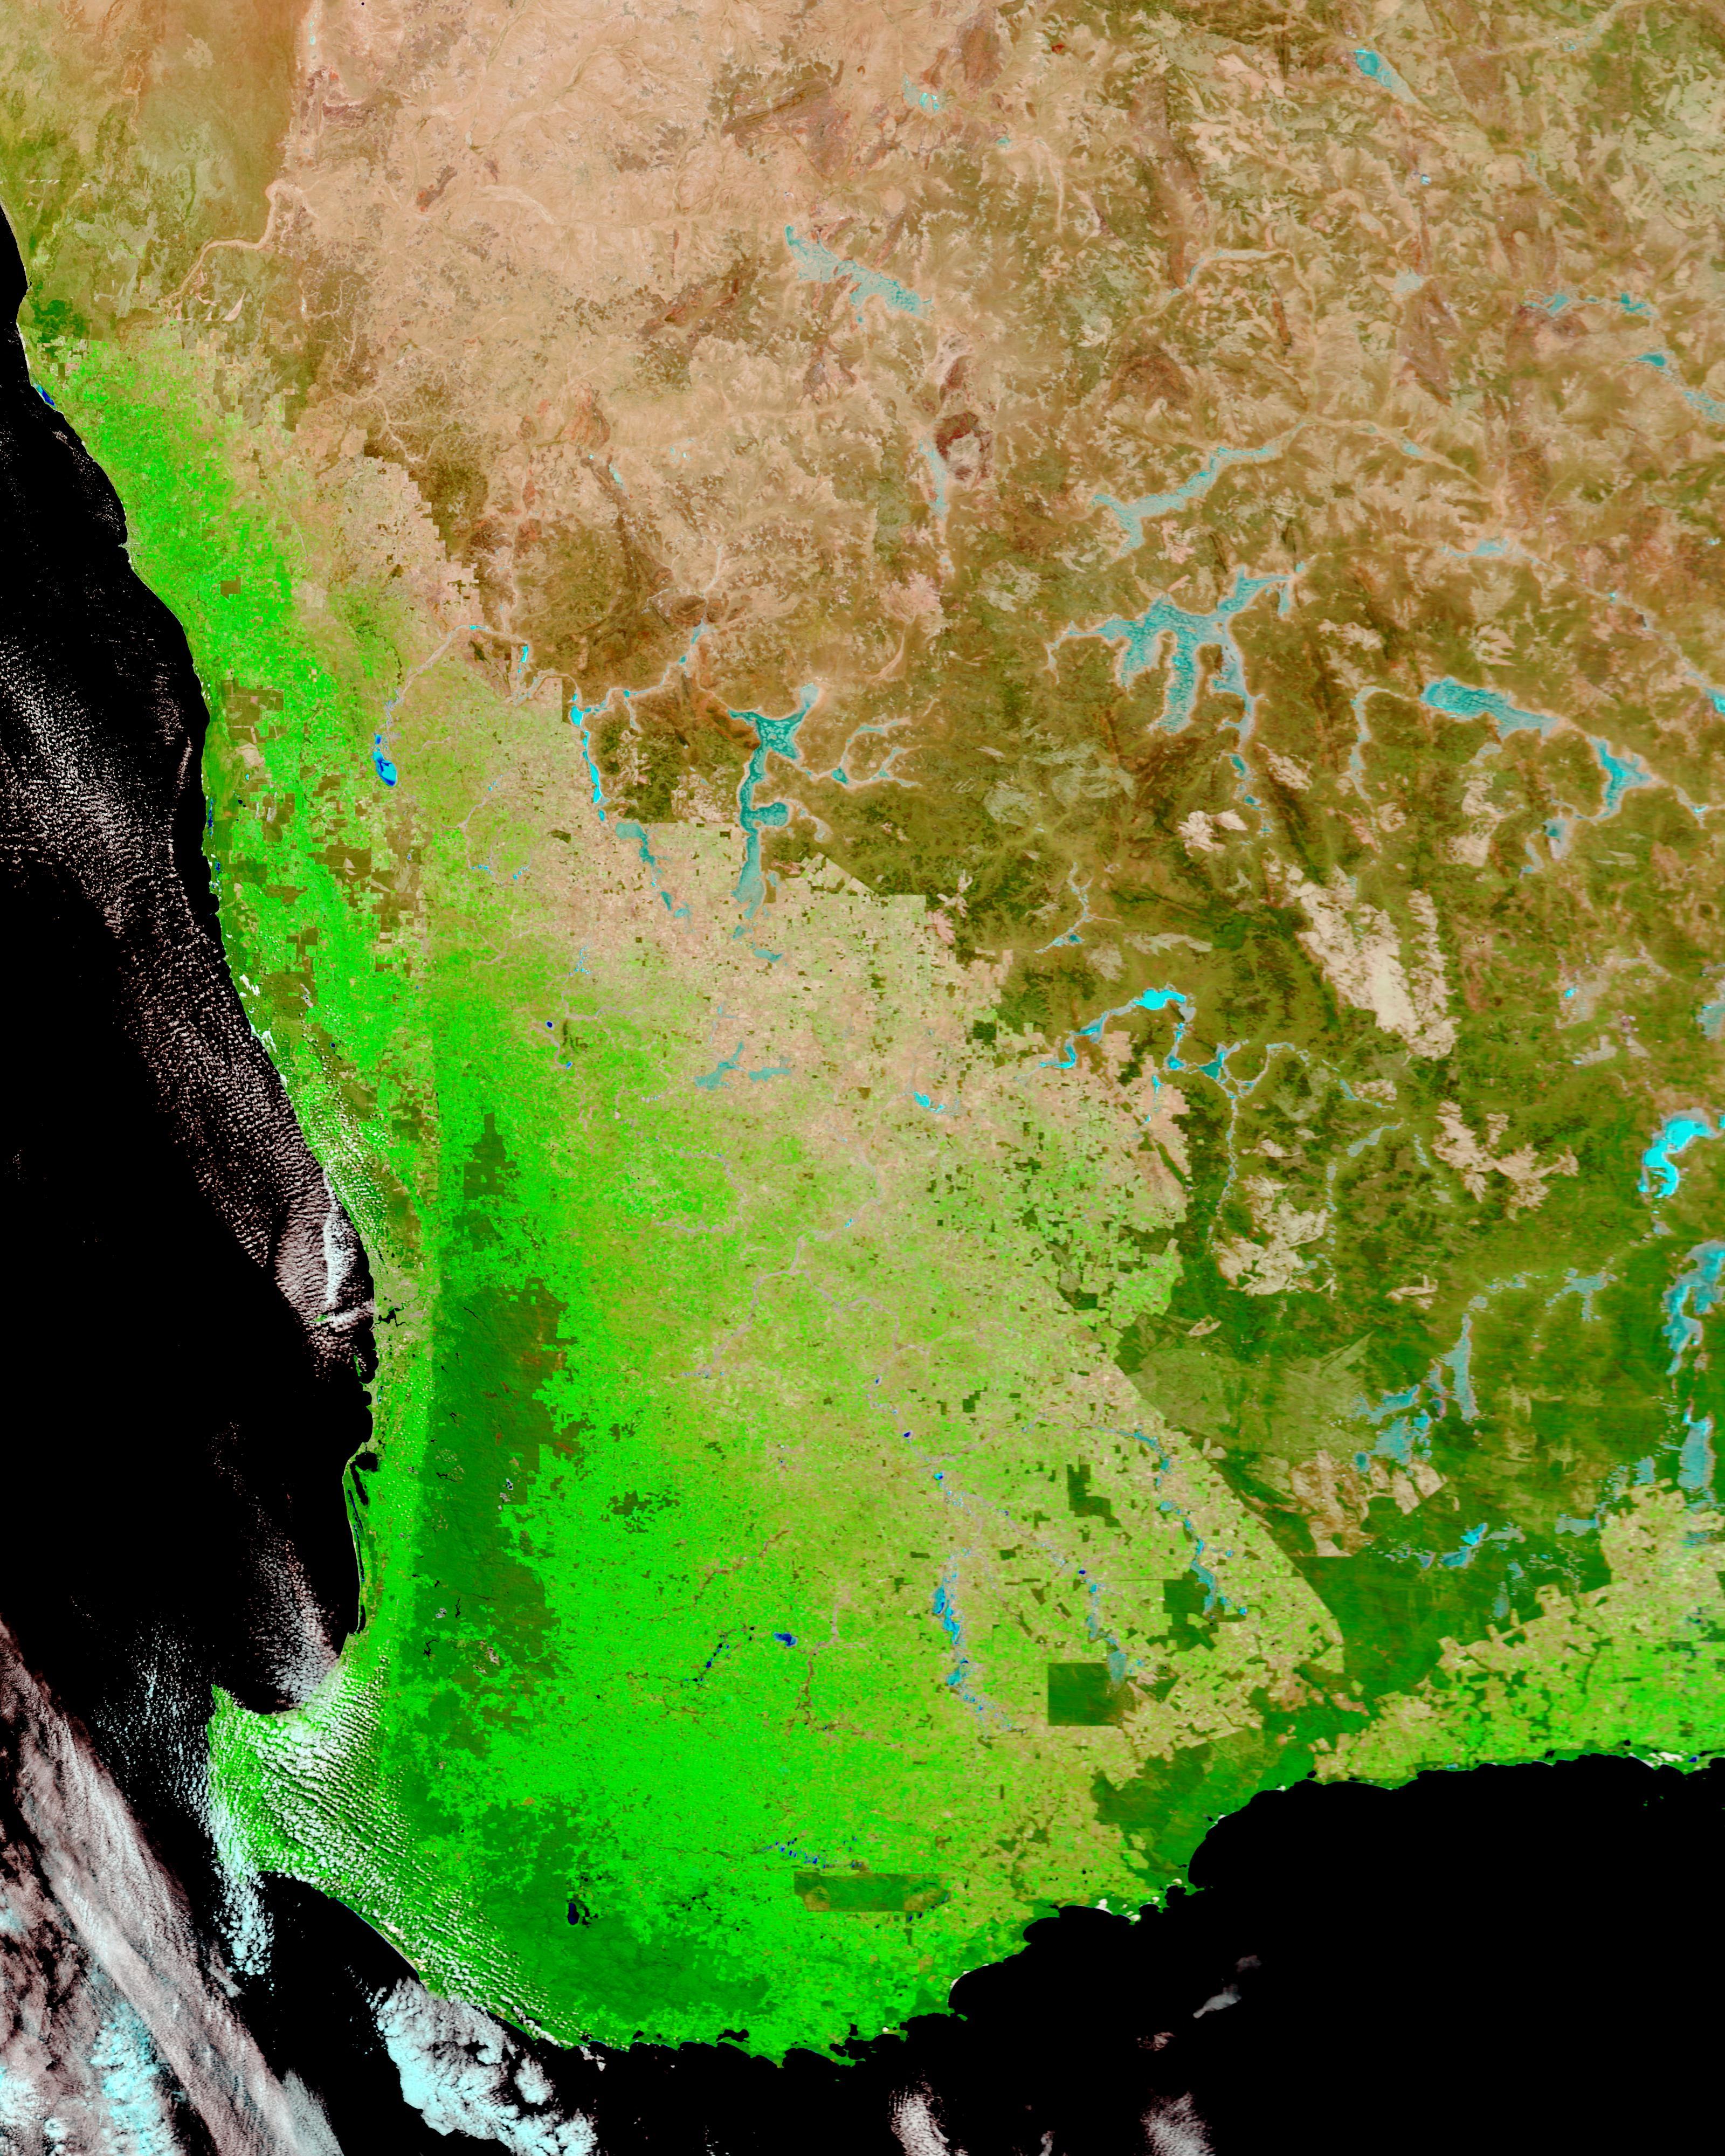 Drought conditions in Southwest Australia (false color)